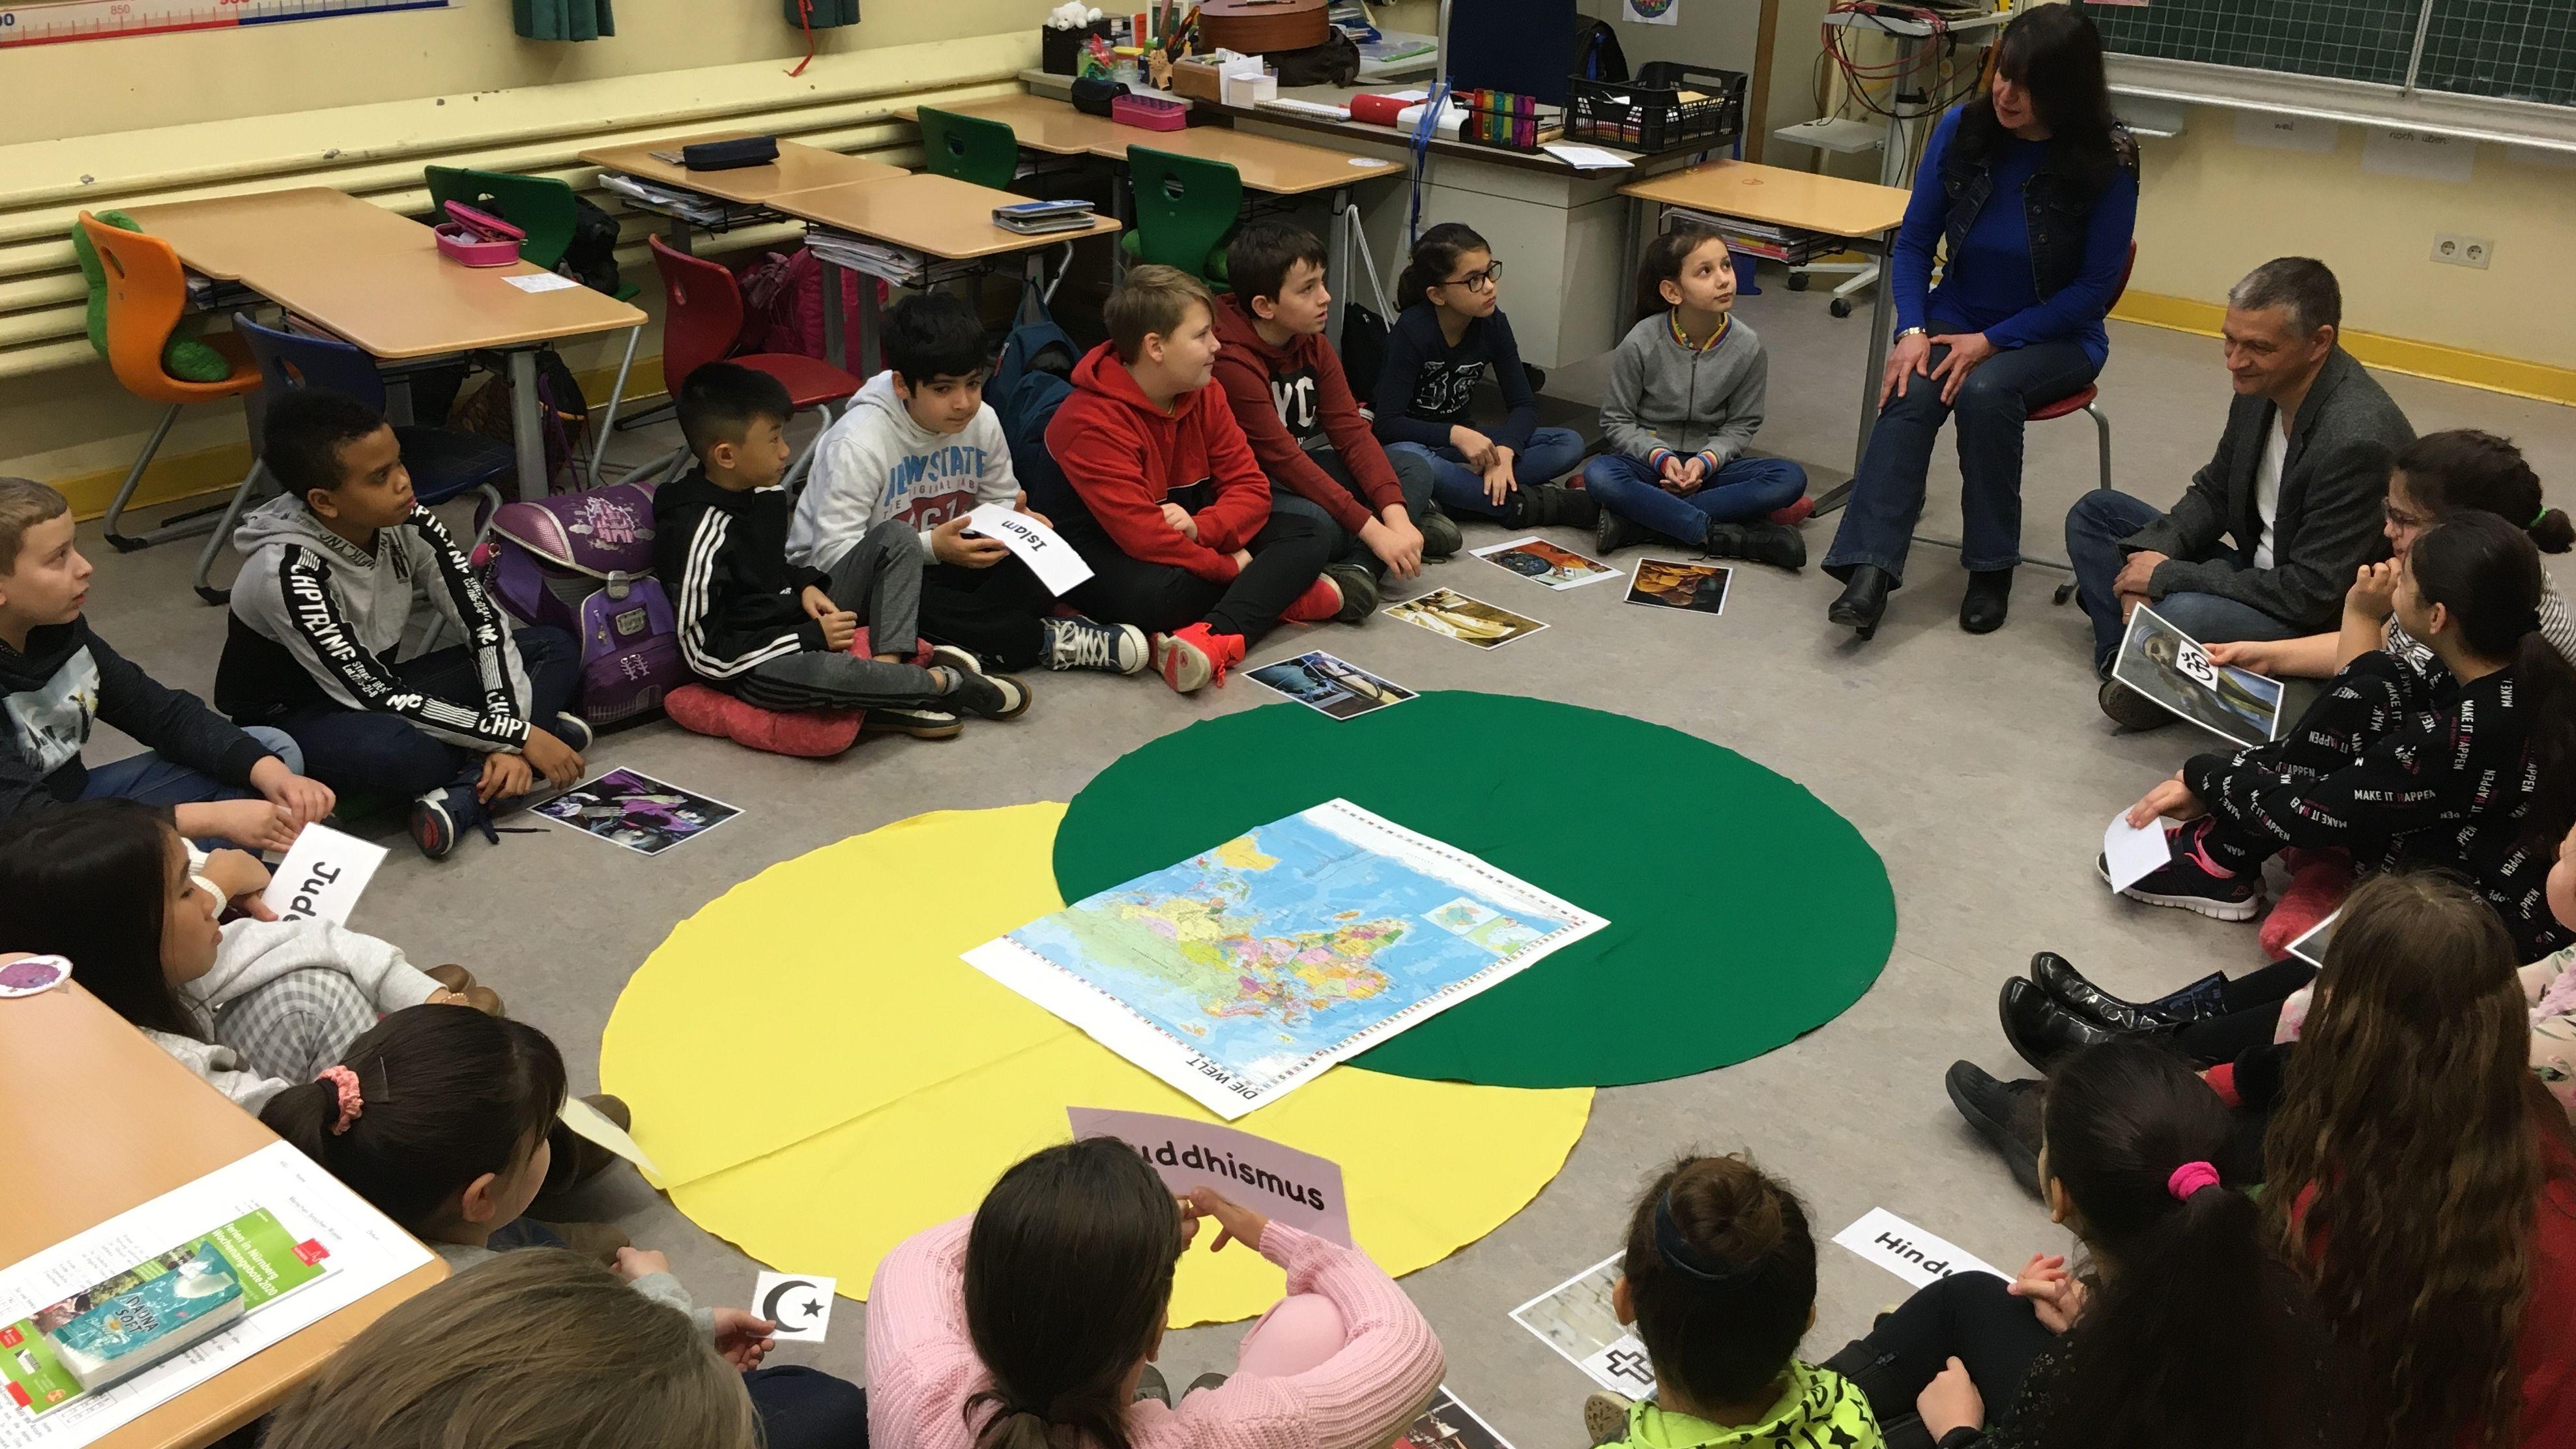 Schulprojekt zu Religionen in der Herschelschule